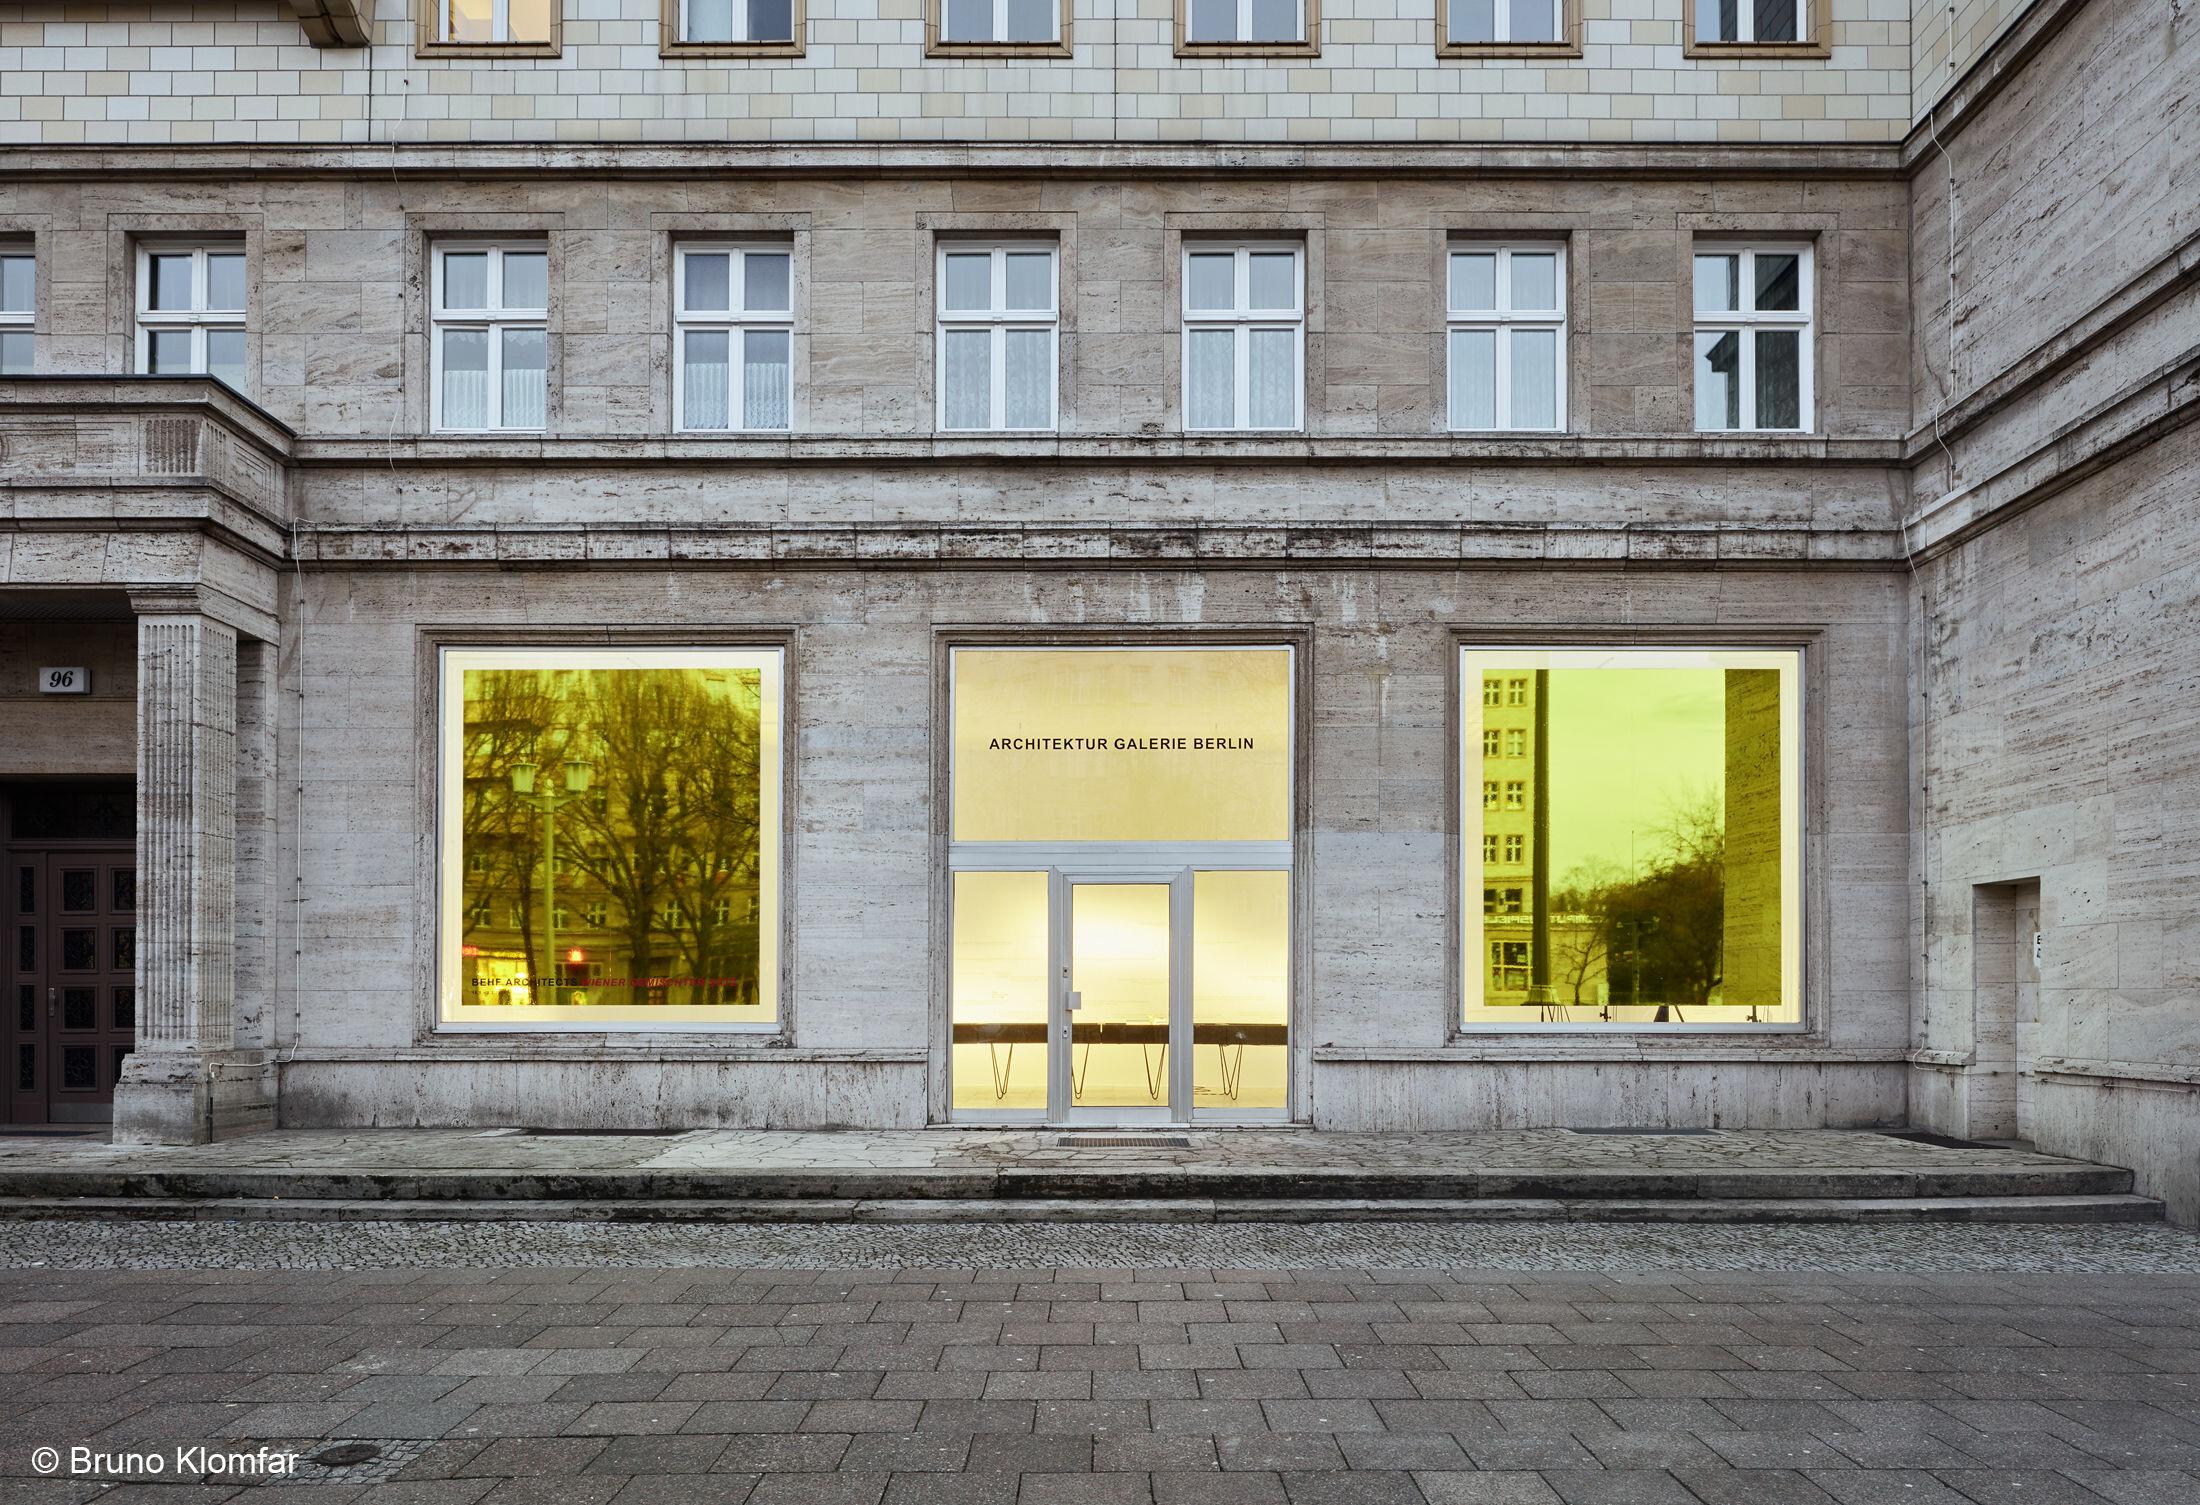 BEHF, WIENER GEMISCHTER SATZ Exhibition